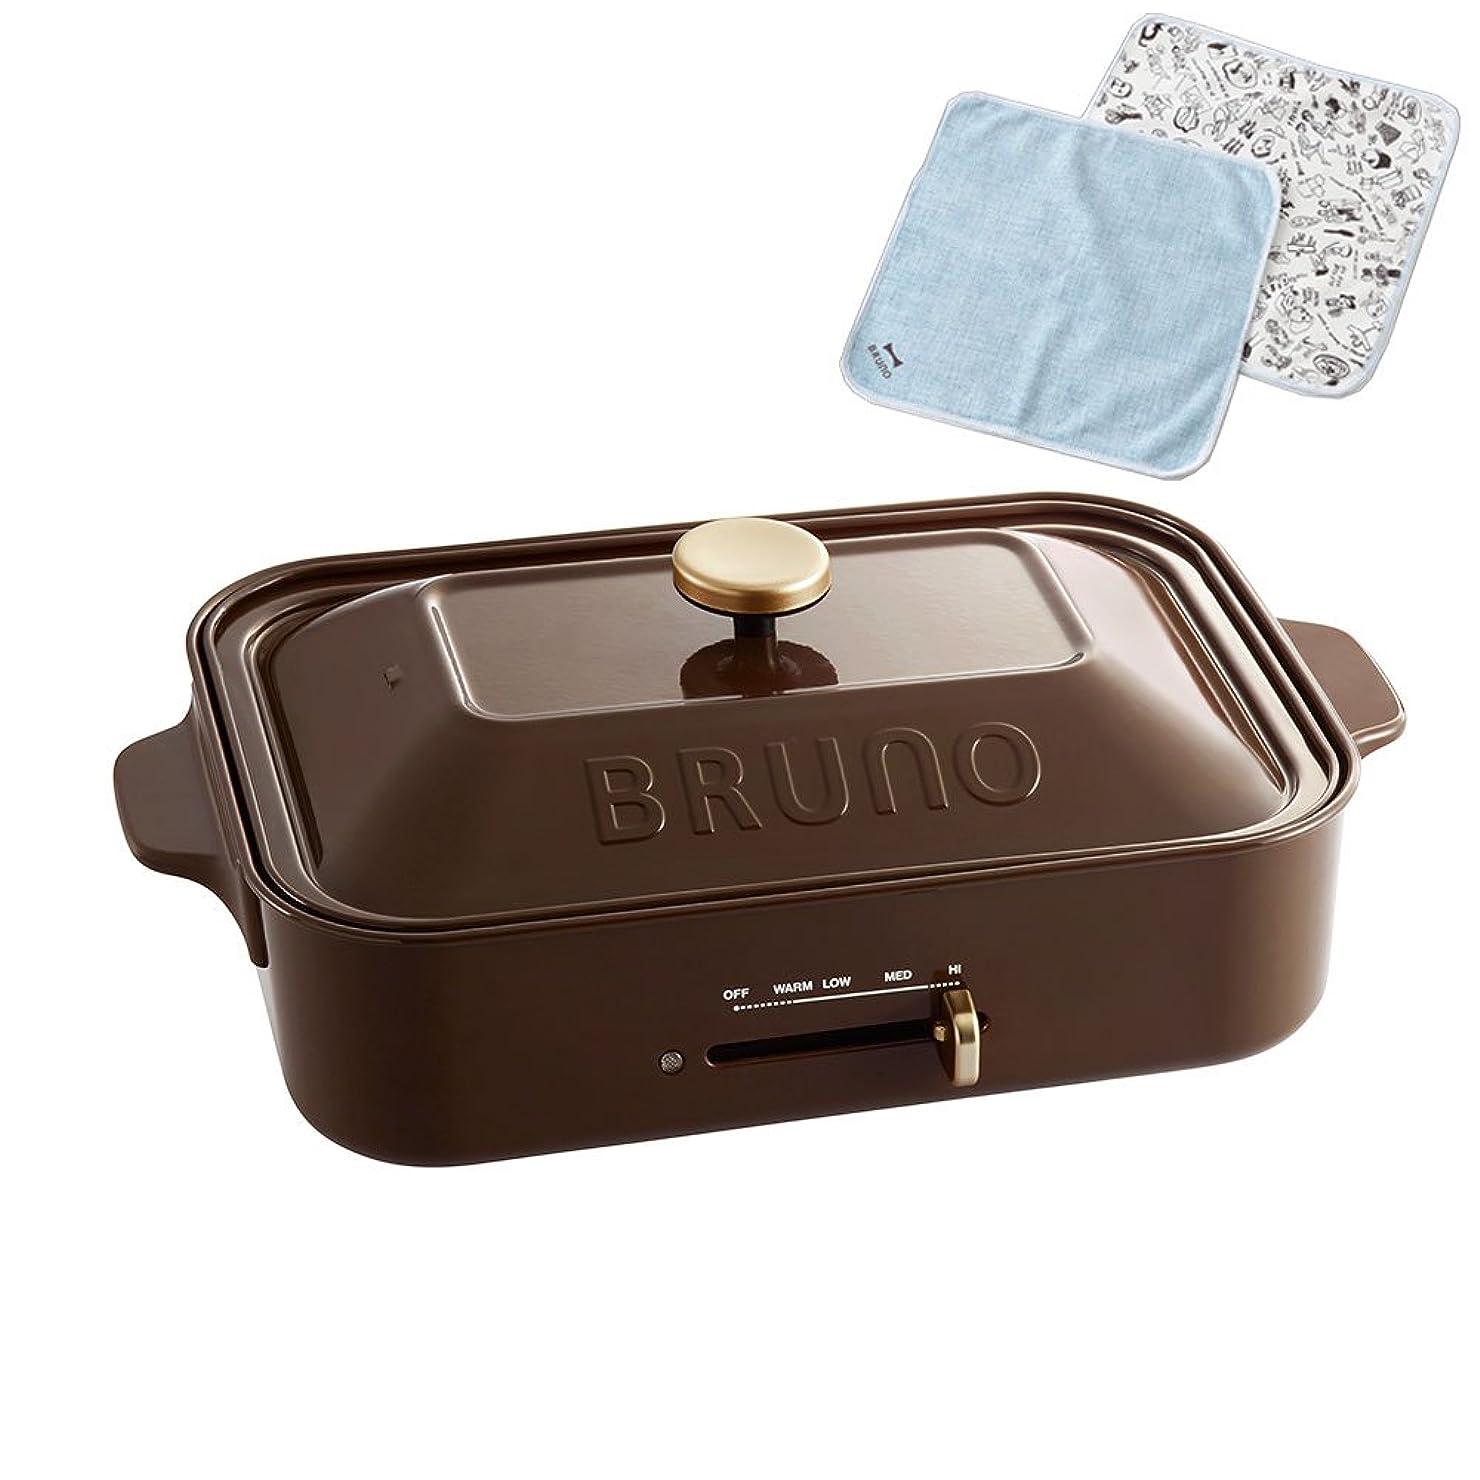 シールド団結するかなりのBRUNO ブルーノ コンパクトホットプレート 本体 プレート2種(たこ焼き 平面) キッチンクロス 付き ブラウン Brown 茶色 おすすめ おしゃれ かわいい これ1台 蓋 ふた付き 温度調節 洗いやすい 1人 2人 3人用 小型 小さいサイズ 少人数 ひとり暮らしにも 幅約40㎝ BOE021-BR 1700320